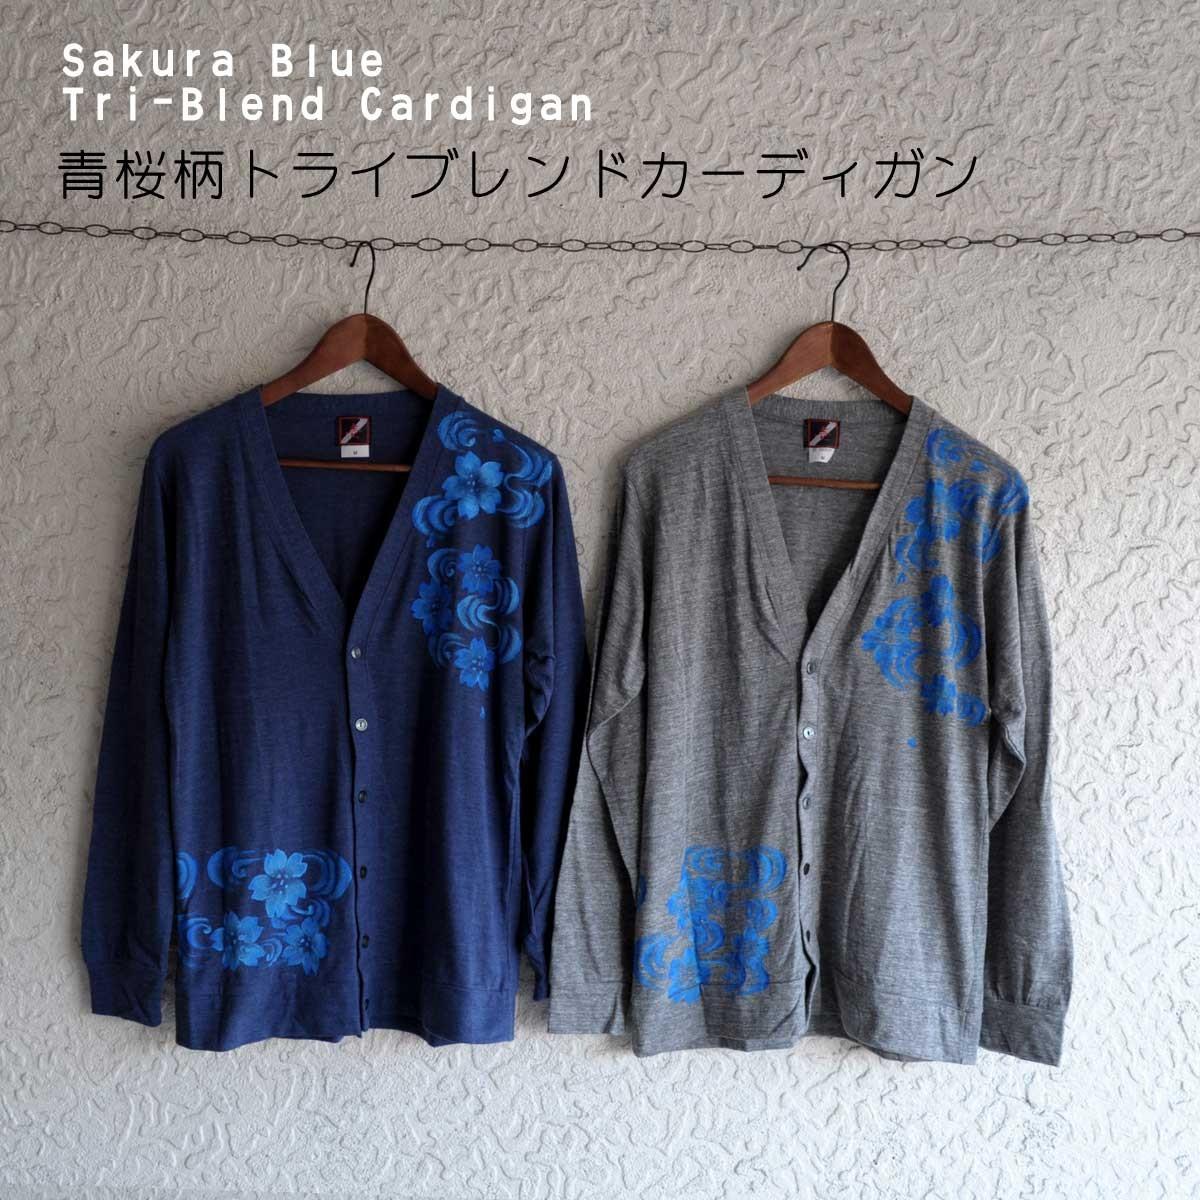 和柄 カーディガン 長袖 メンズ 手描き青桜